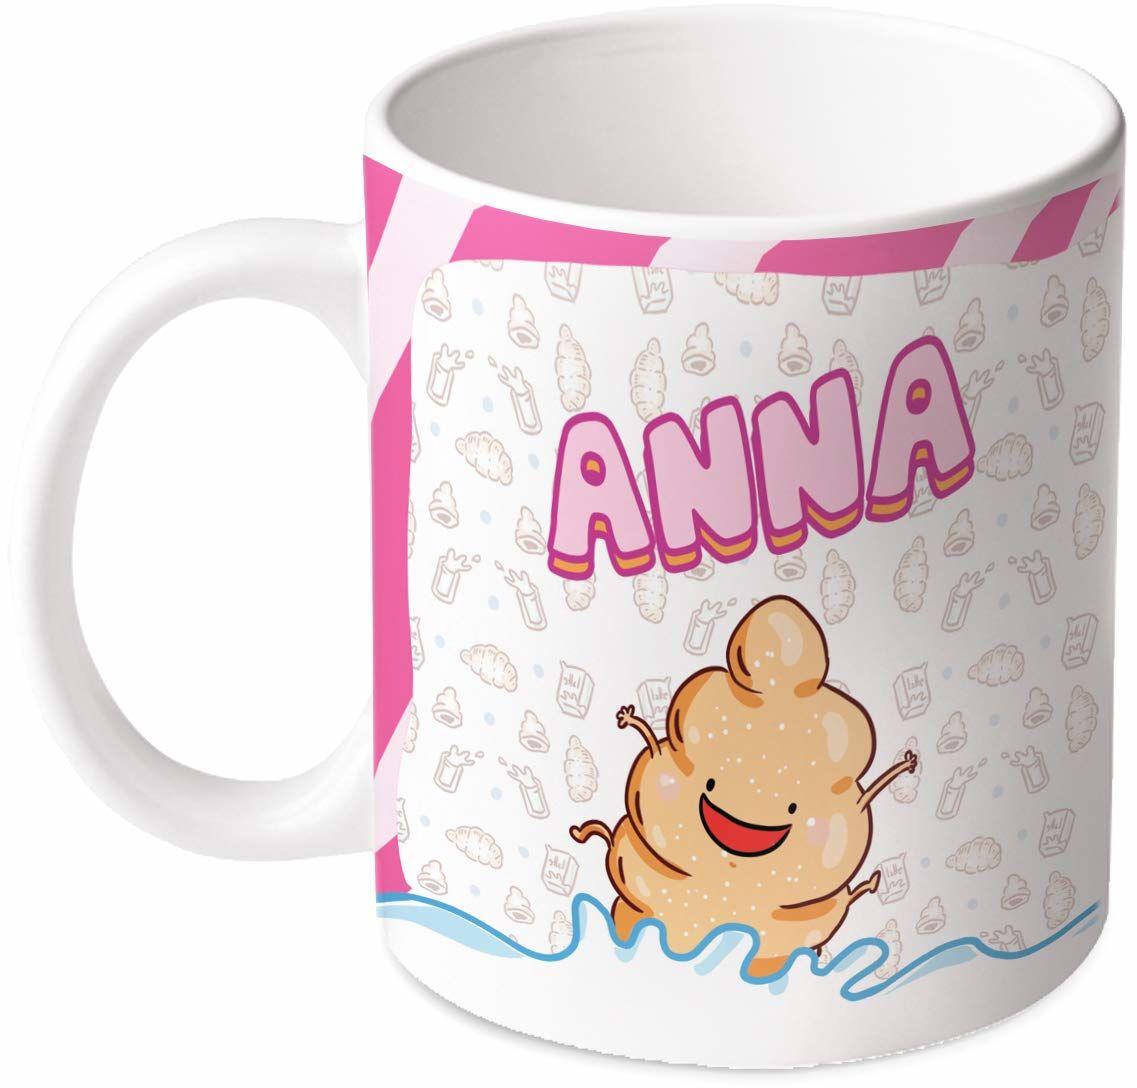 M.M. Group Filiżanka z imieniem i znaczeniem Anna, 30 ml, ceramika, wielokolorowa